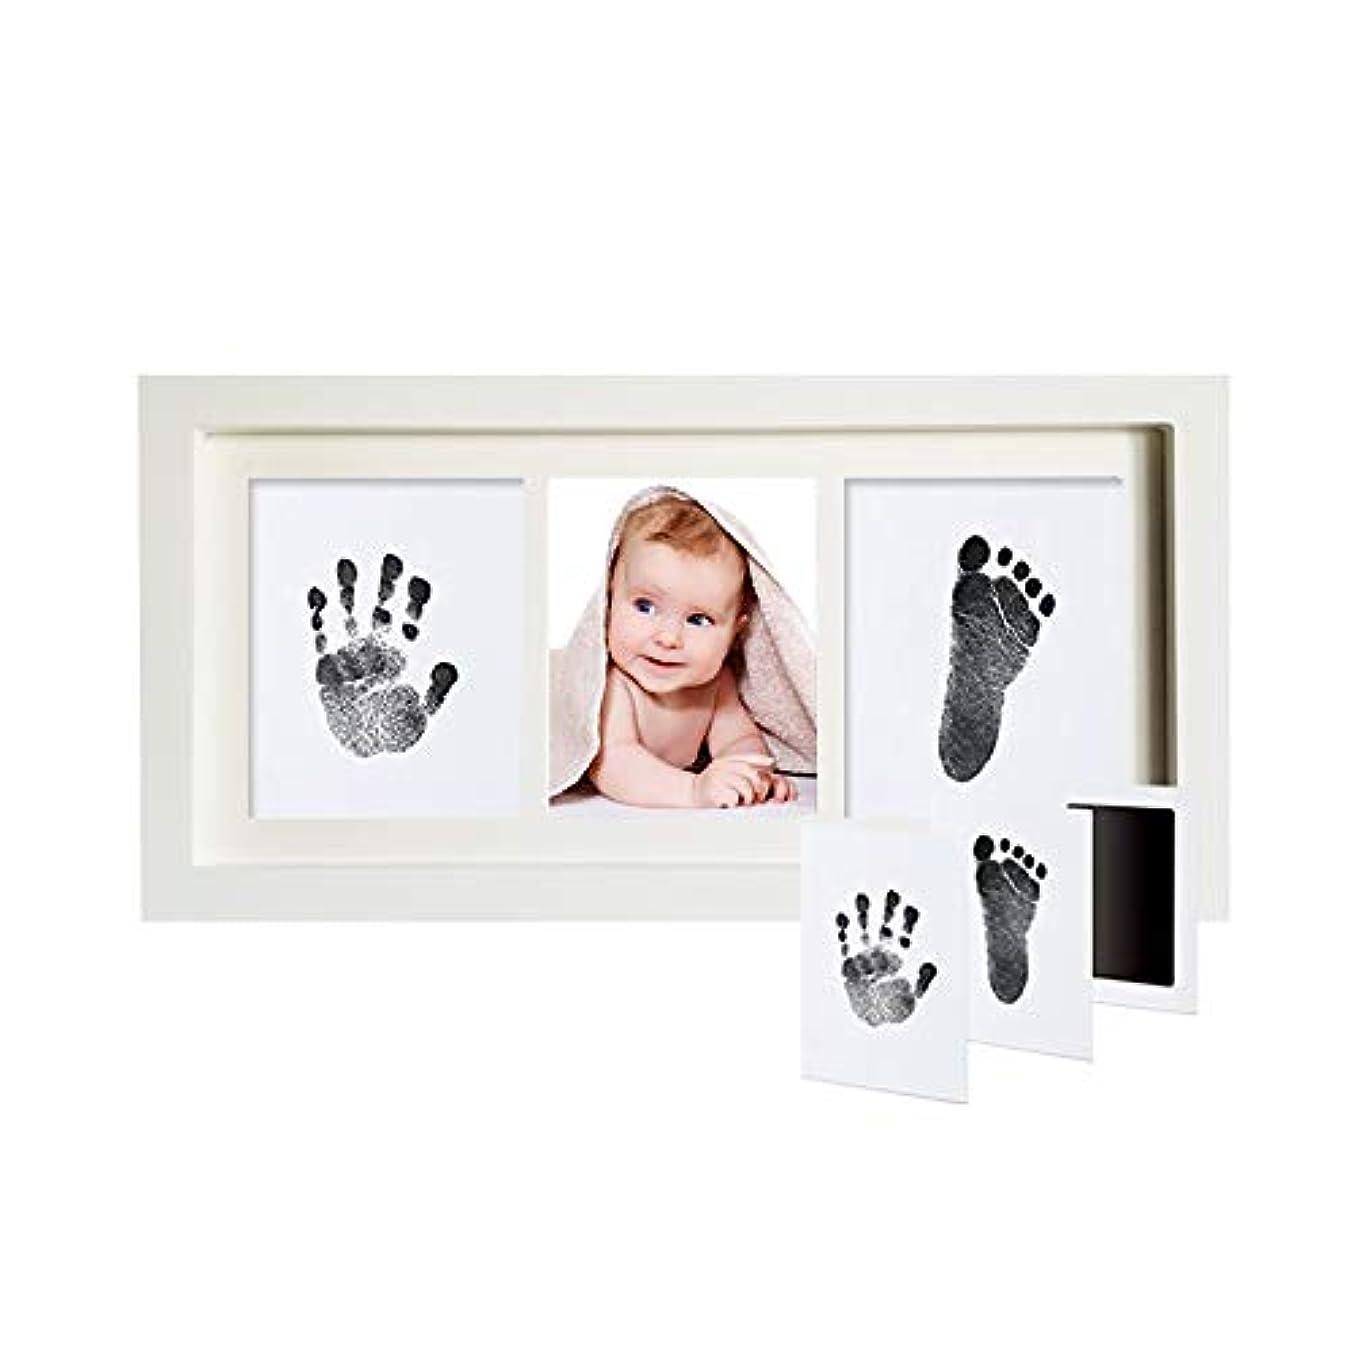 ミスペンド極めて普遍的な赤ちゃんの手と足プリント子供ハンドプリントと足のプリント使い捨てウォッシュ油との接触により、皮膚の必要はありません 記念フレーム (Color : White, Size : 35X18x2cm)